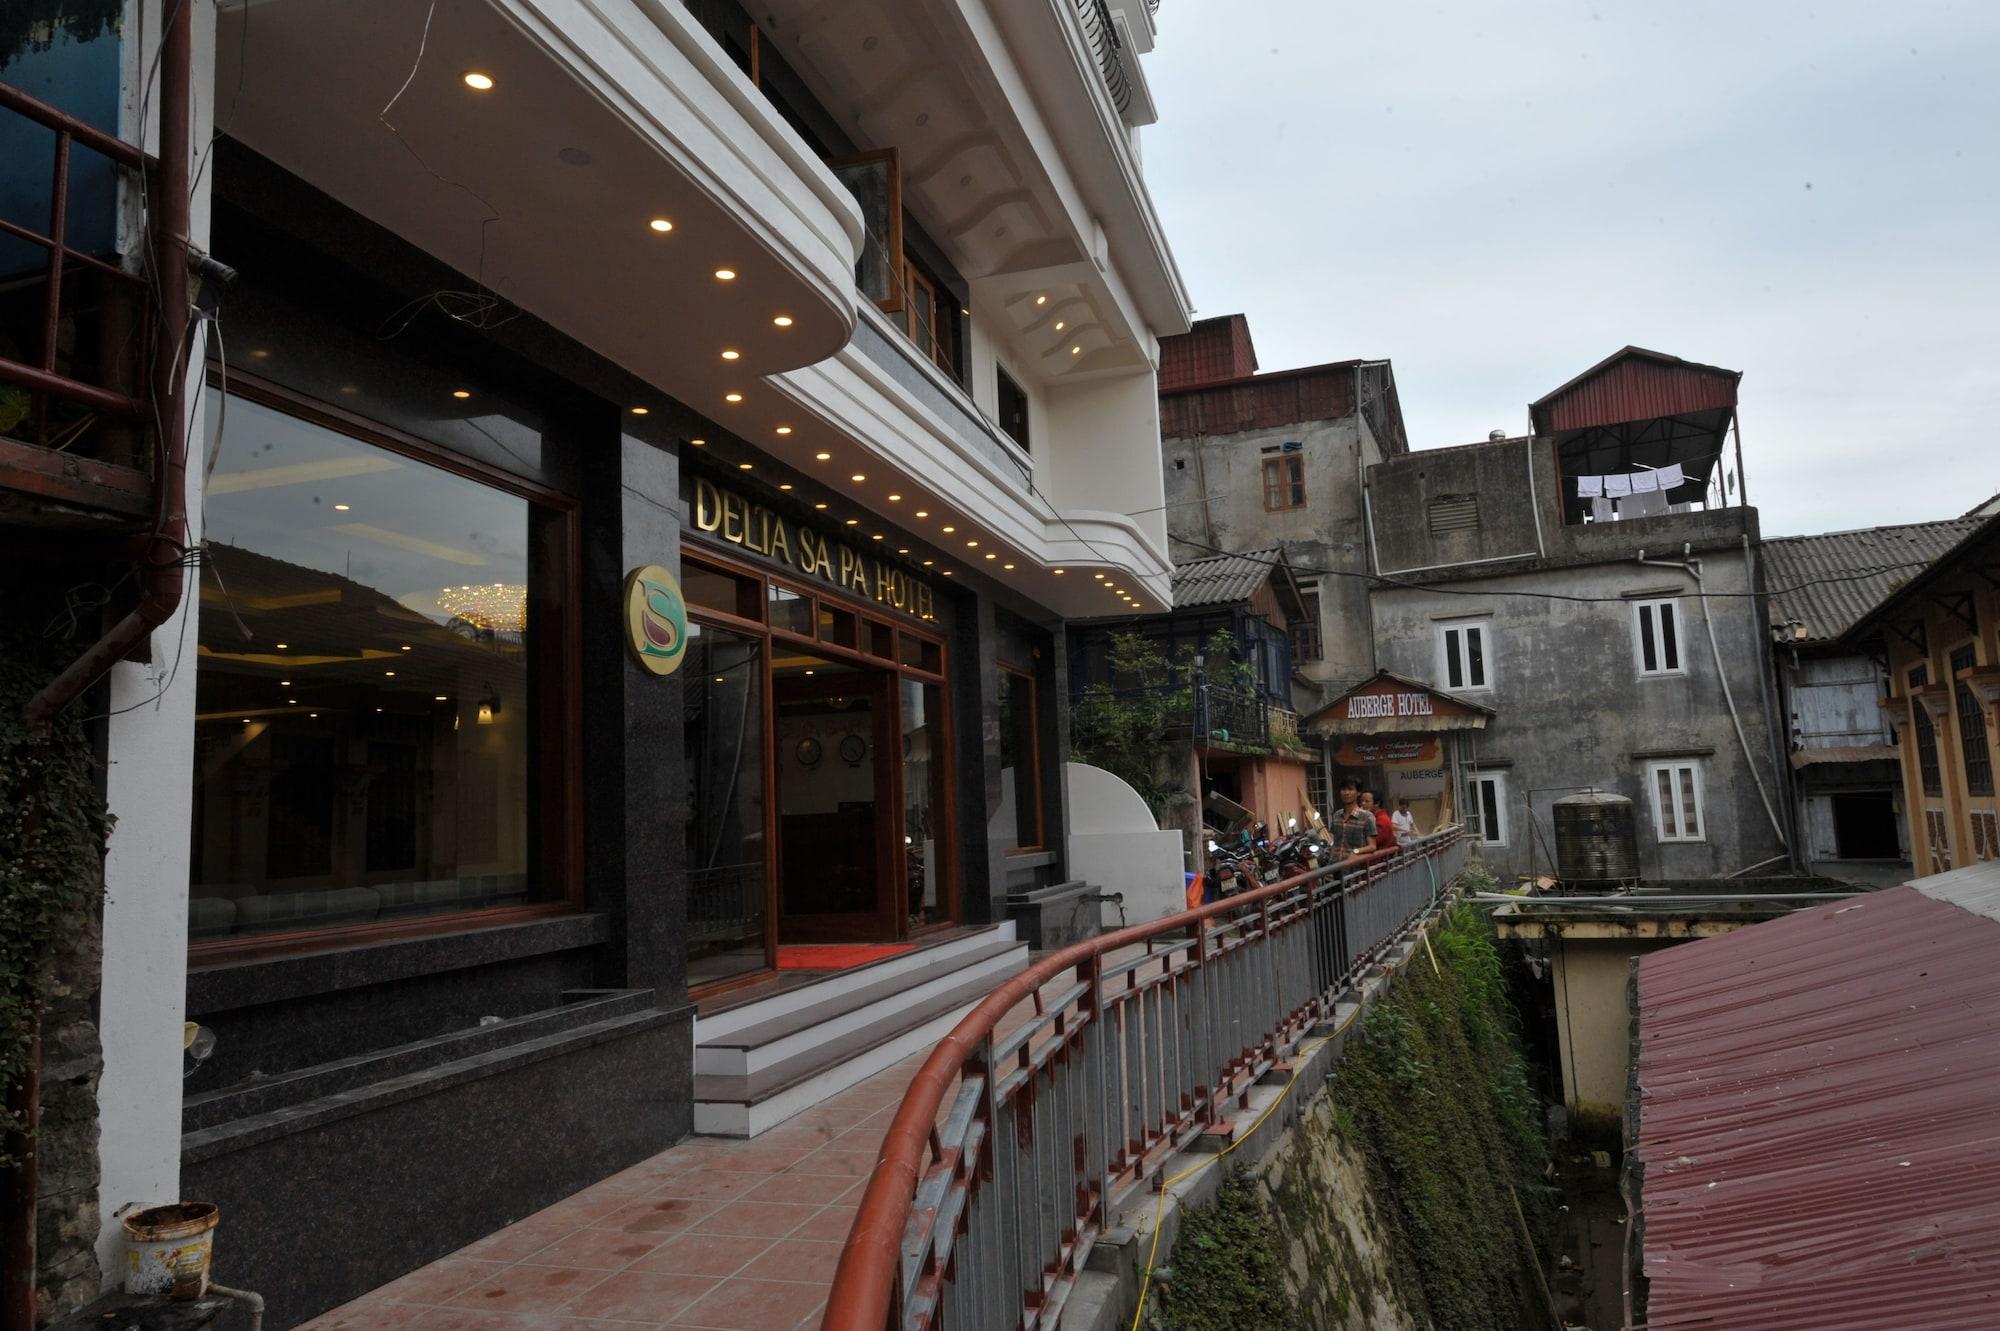 Delta Sapa Hotel, Sa Pa